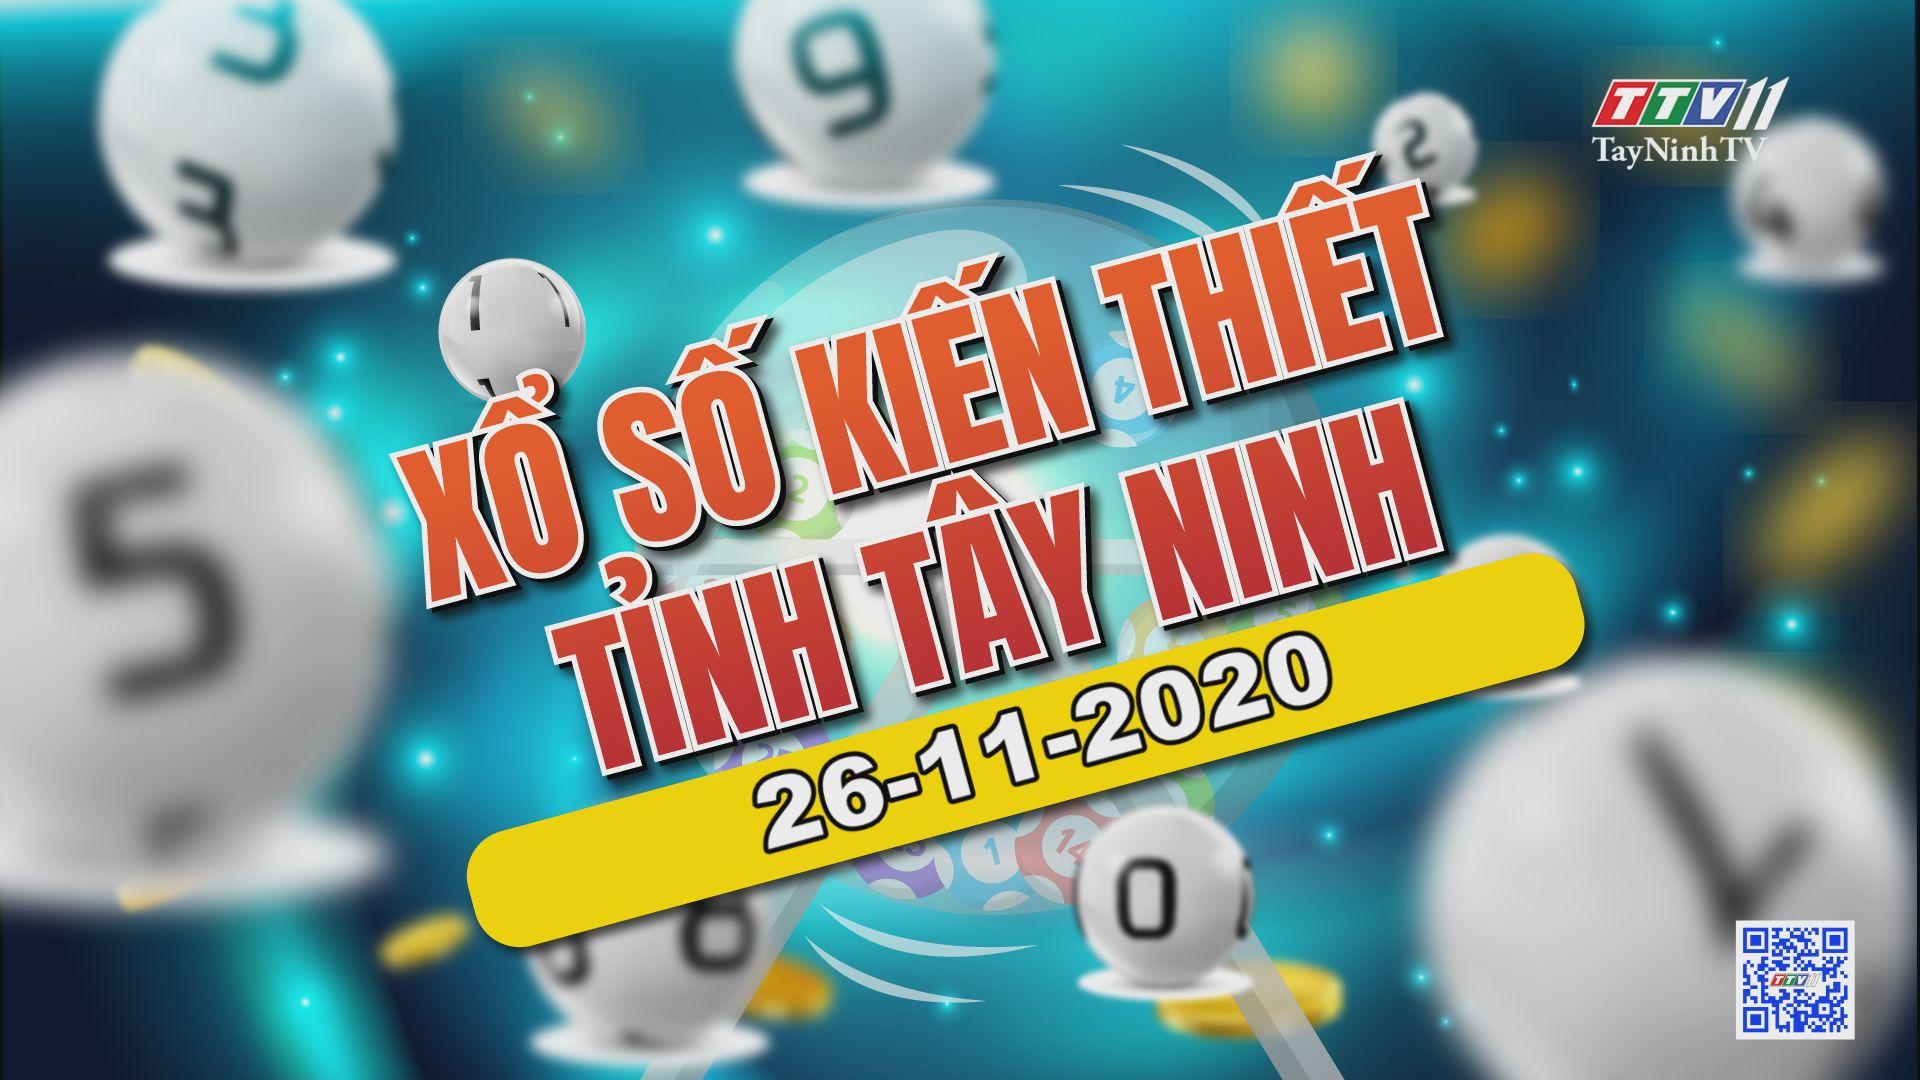 Trực tiếp Xổ số Tây Ninh ngày 26-11-2020 | TayNinhTV